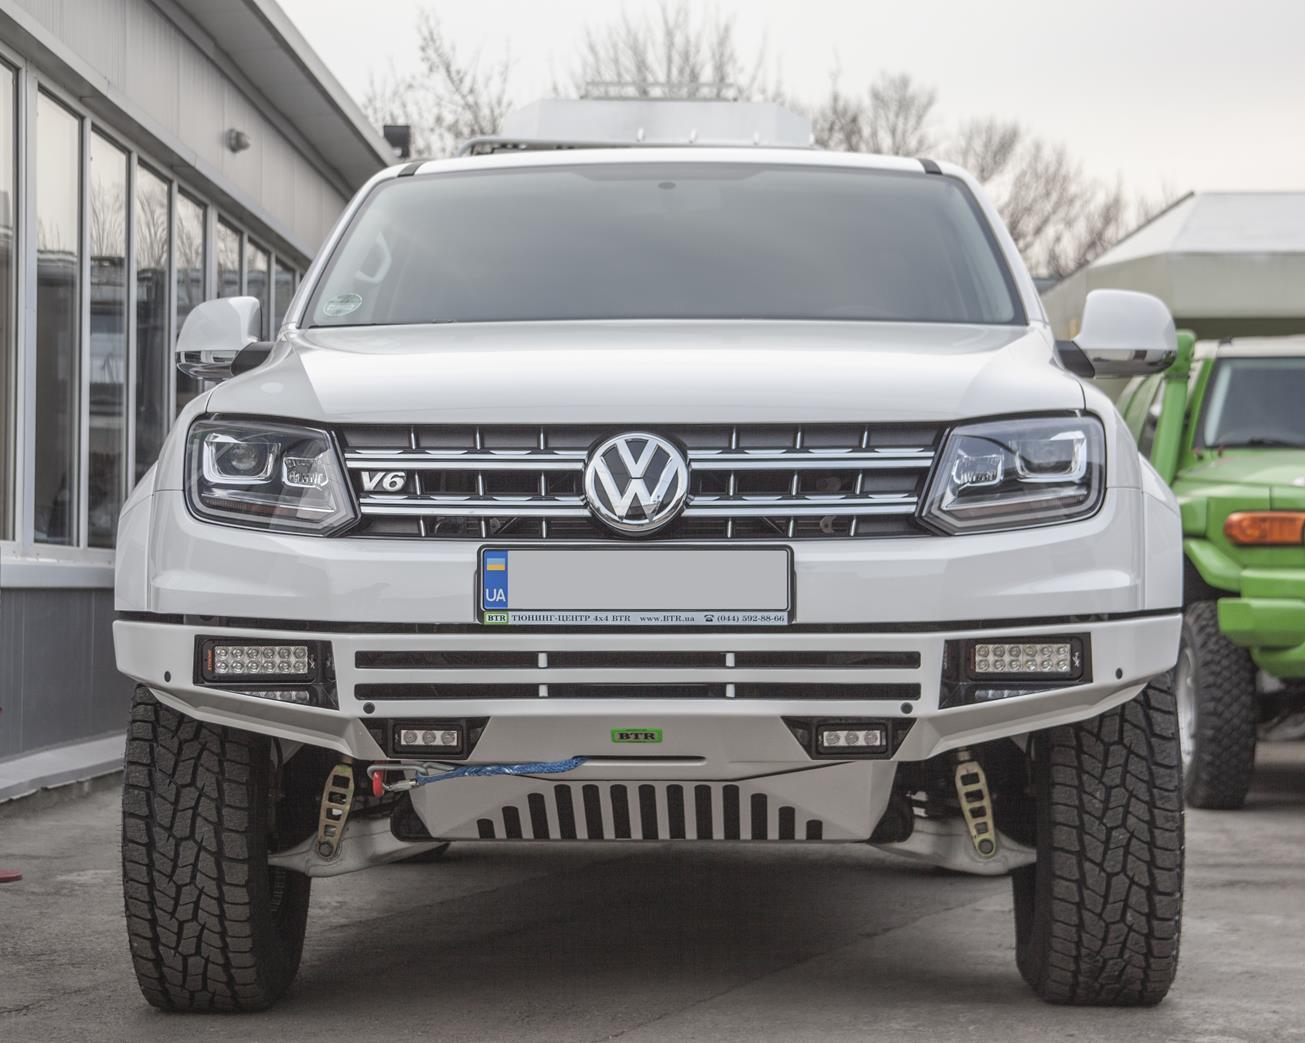 Volkswagen Amarok 2017 V6 Tuning 9